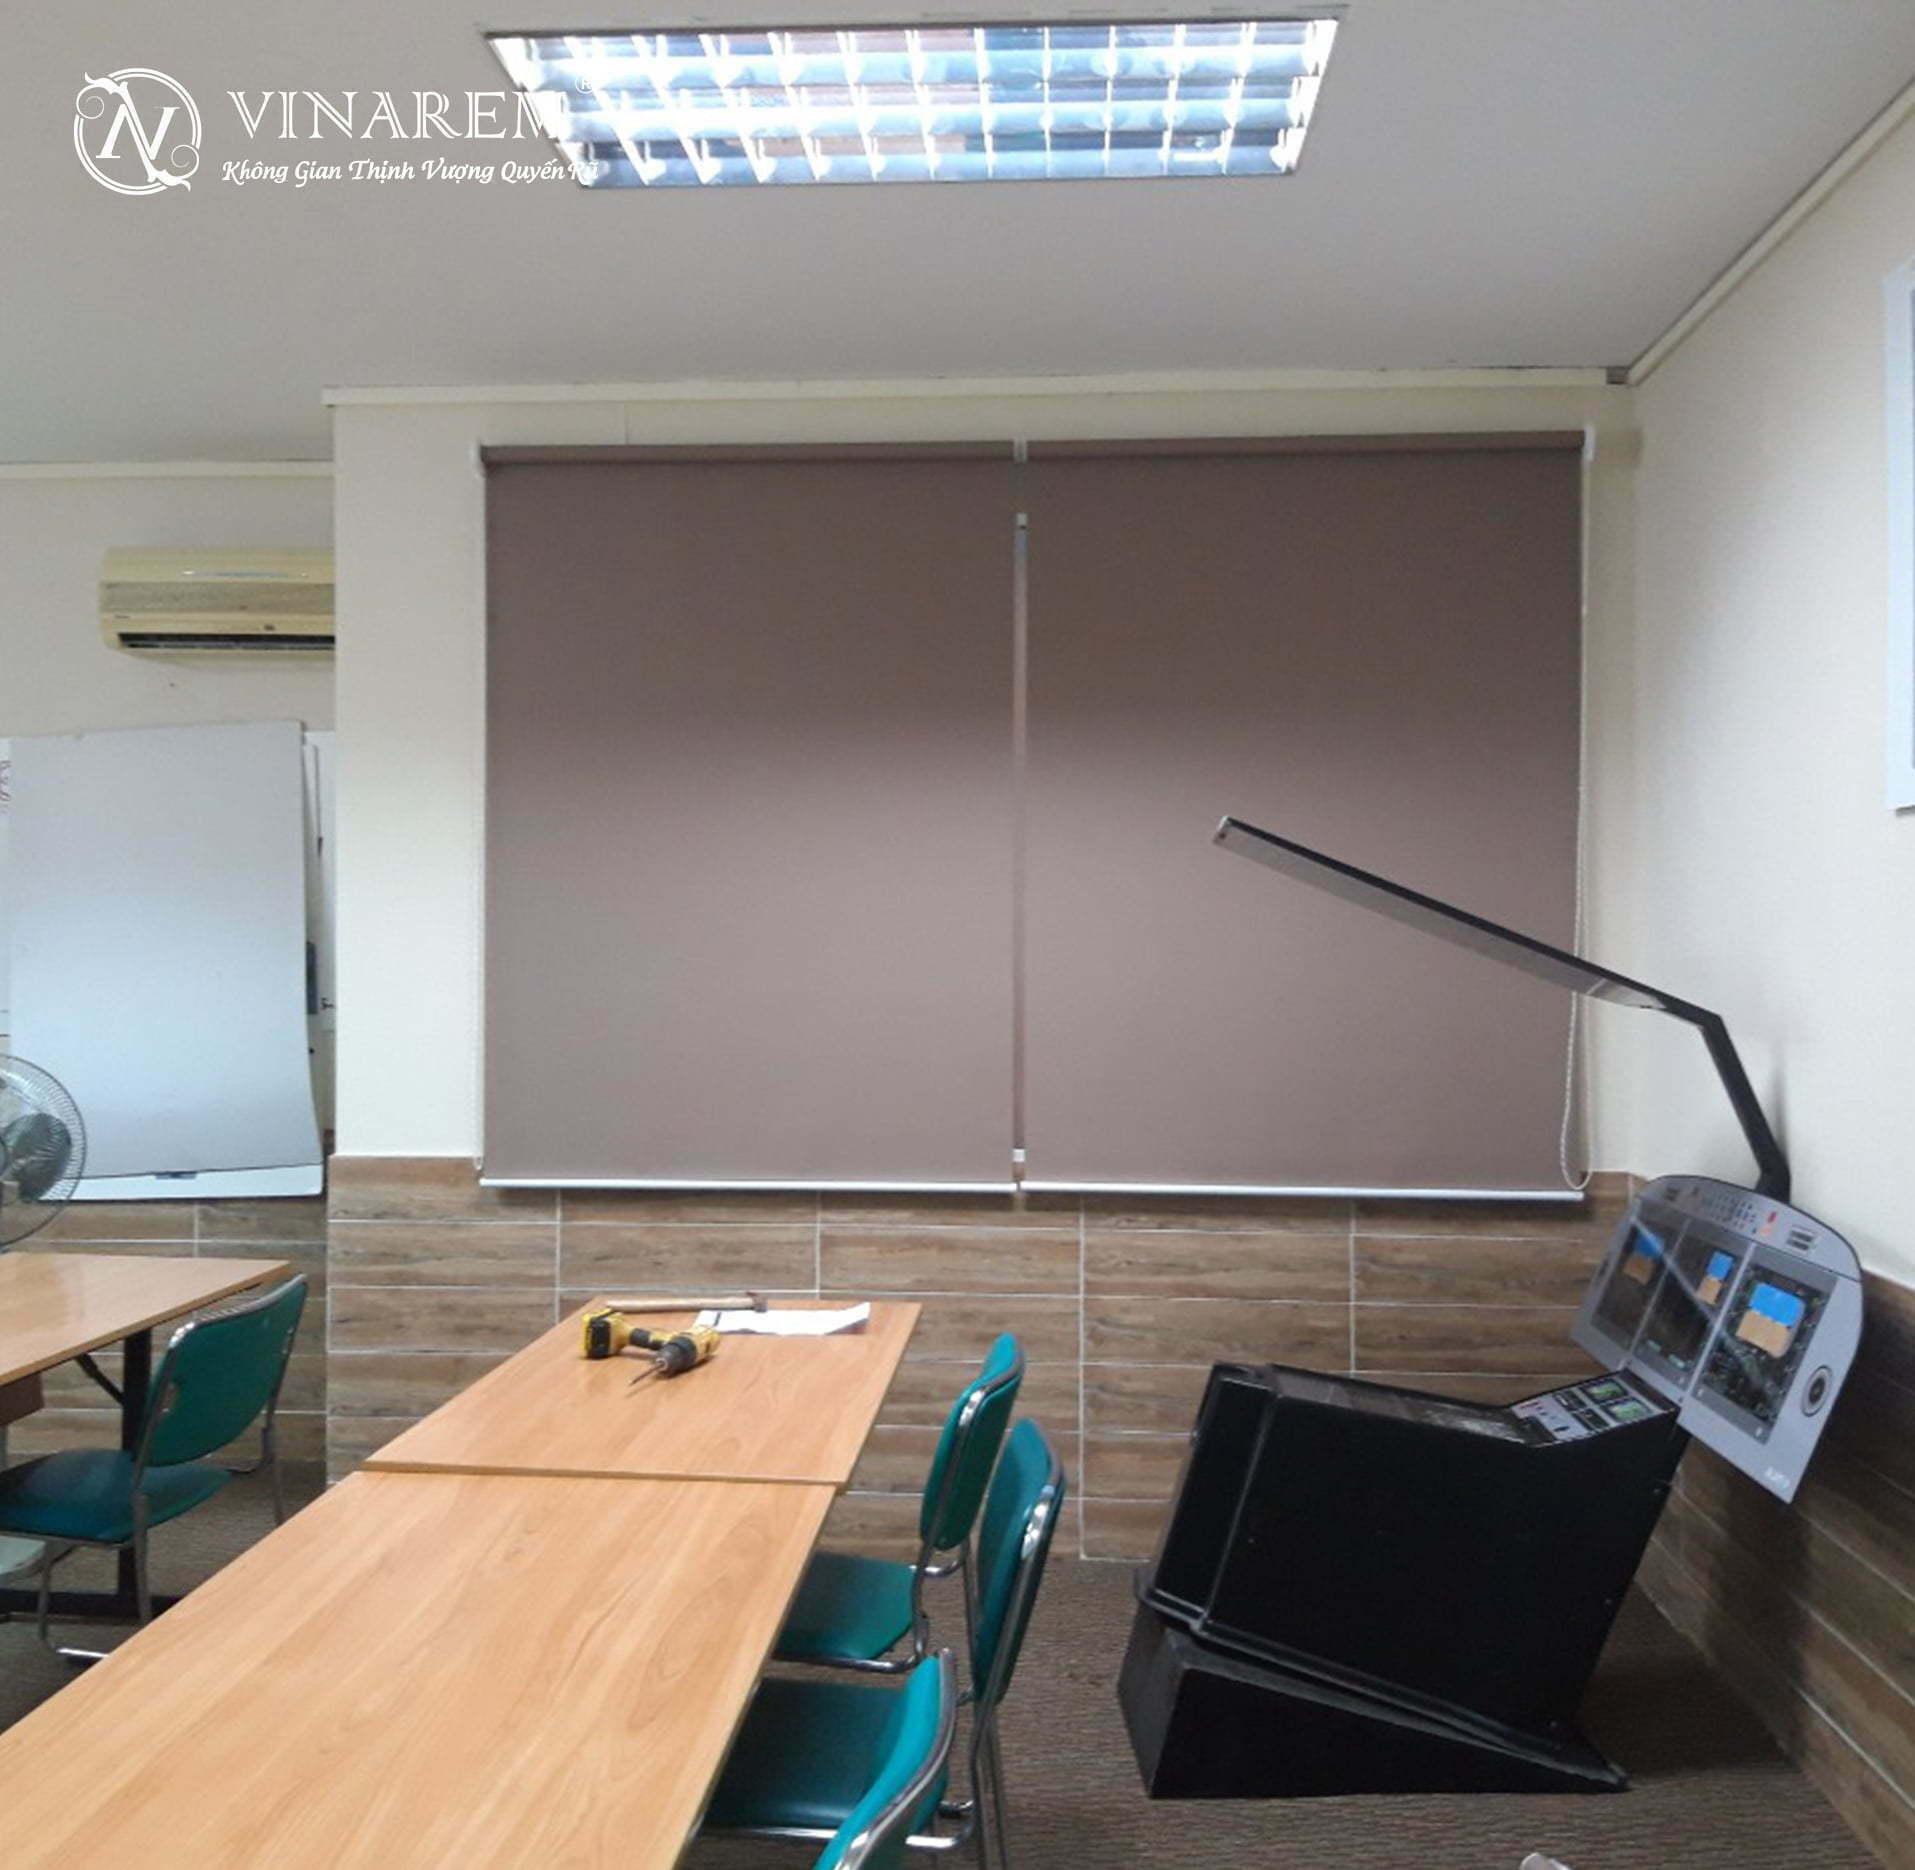 Rèm cuốn màu nâu cửa sổ văn phòng | Vinarem